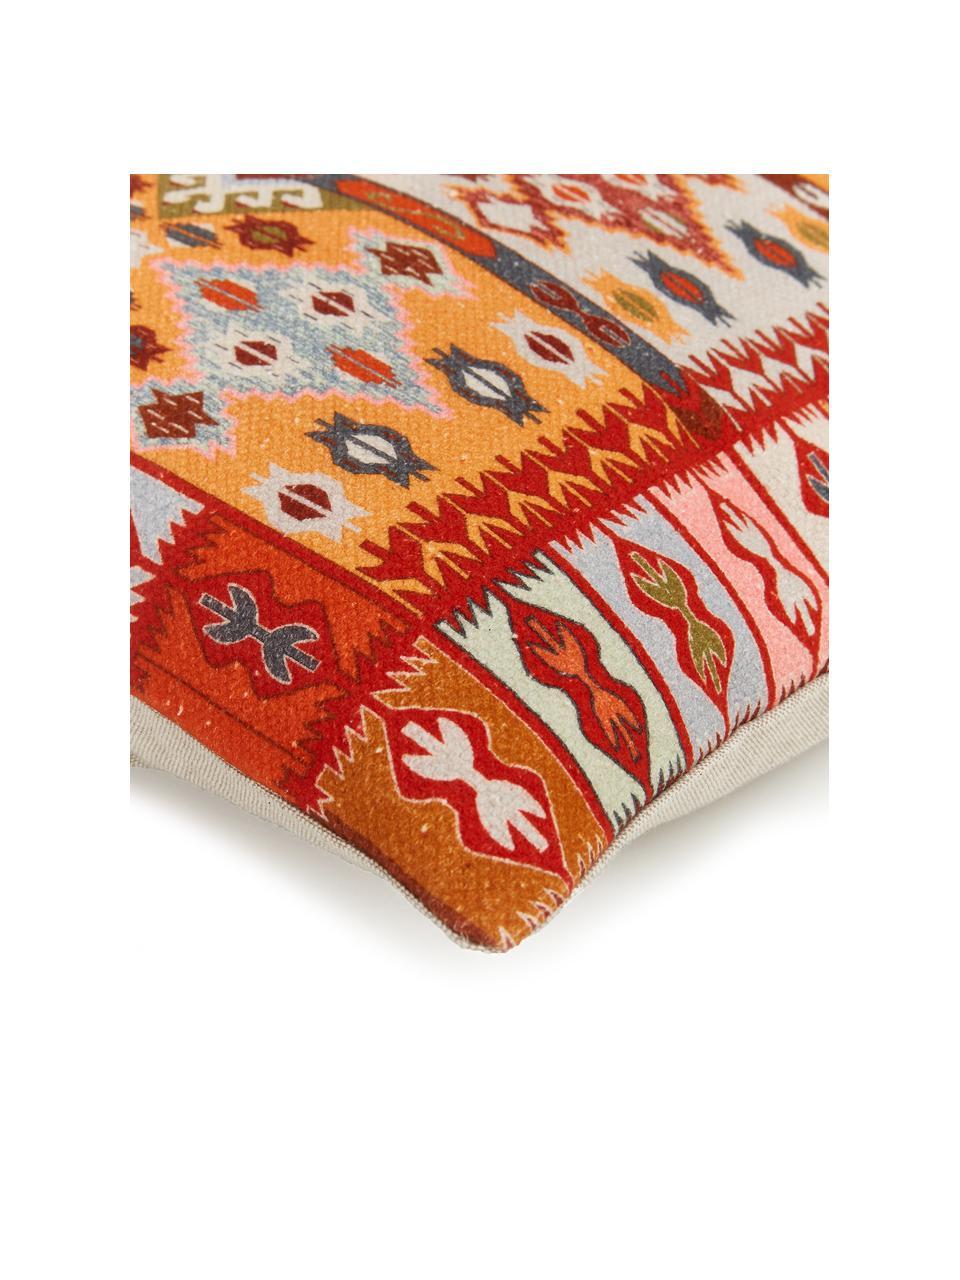 Poszewka na poszewkę etno Budak, 100% bawełna, Wielobarwny, S 45 x D 45 cm